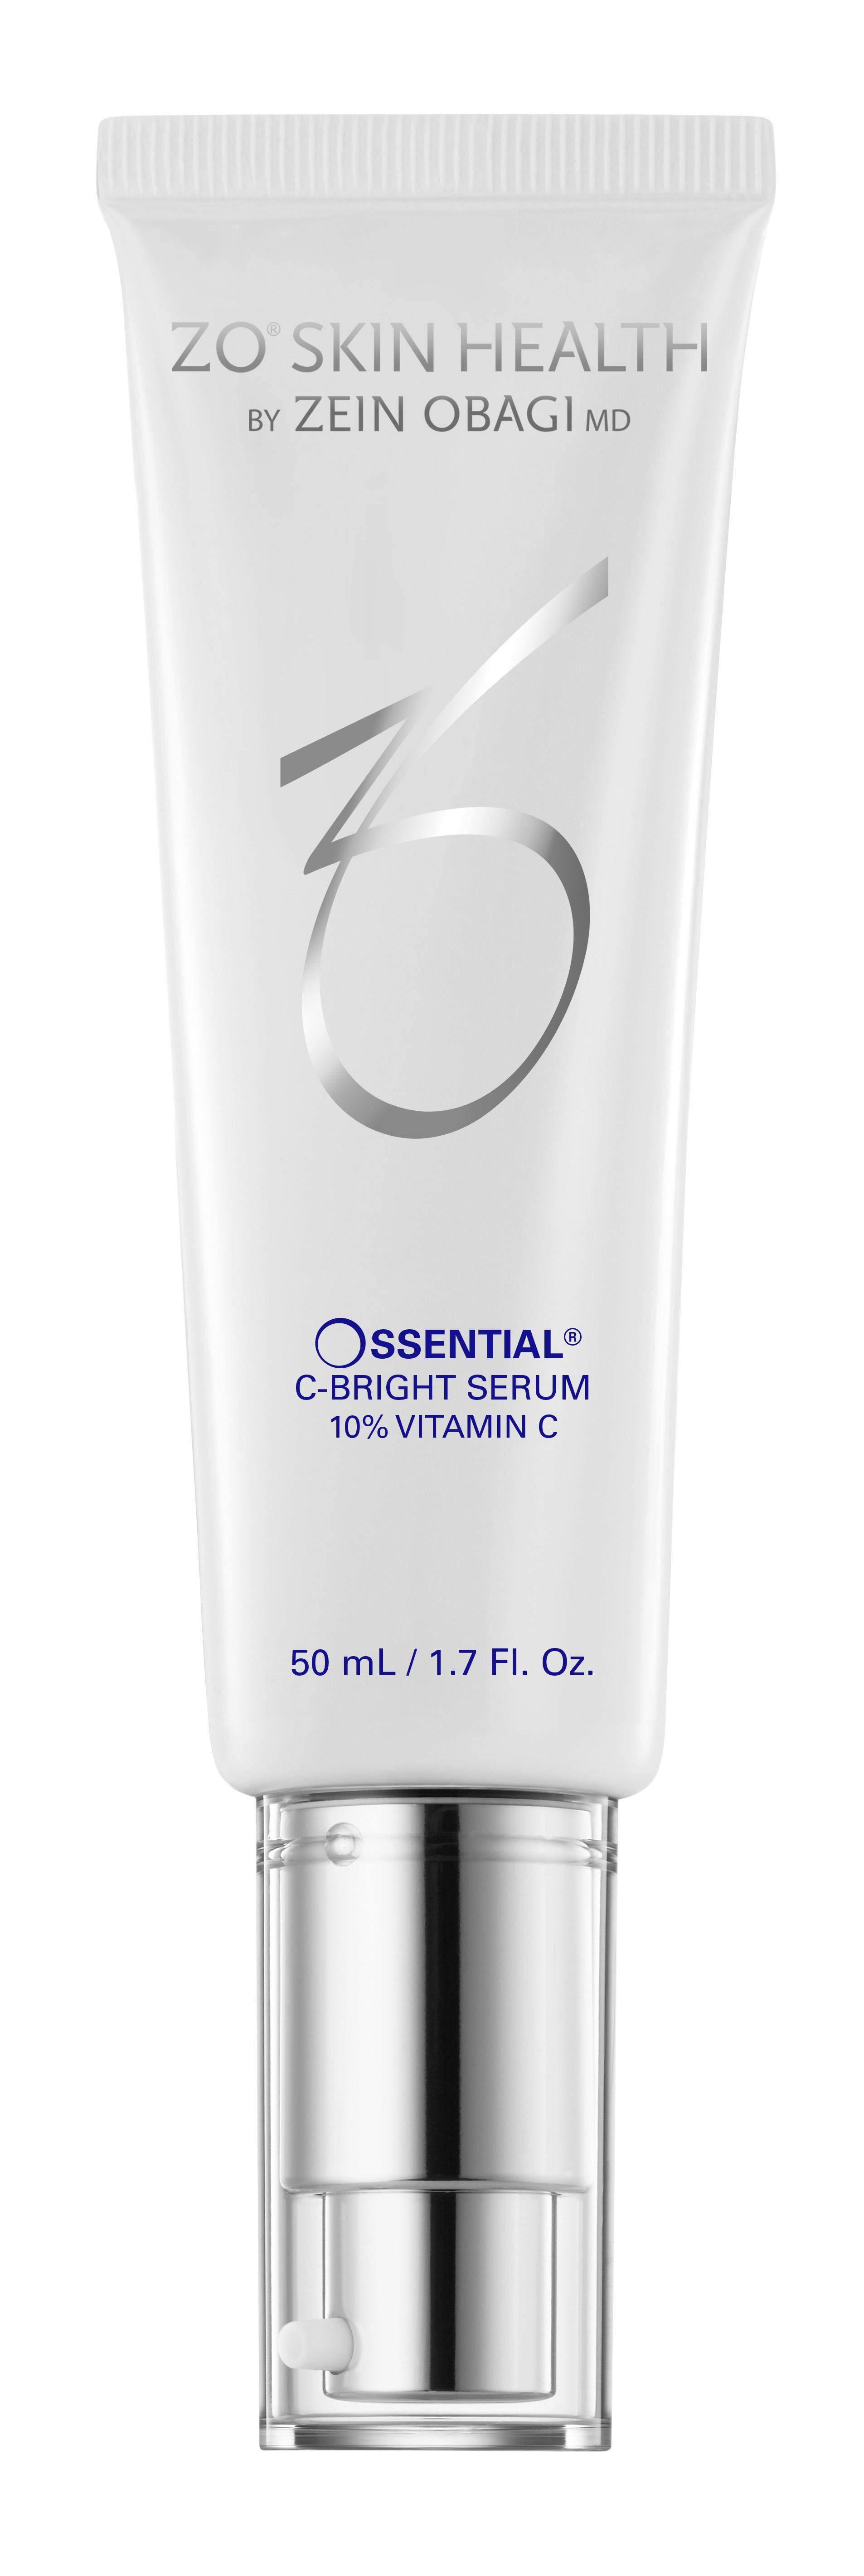 Ossential C-Bright Serum